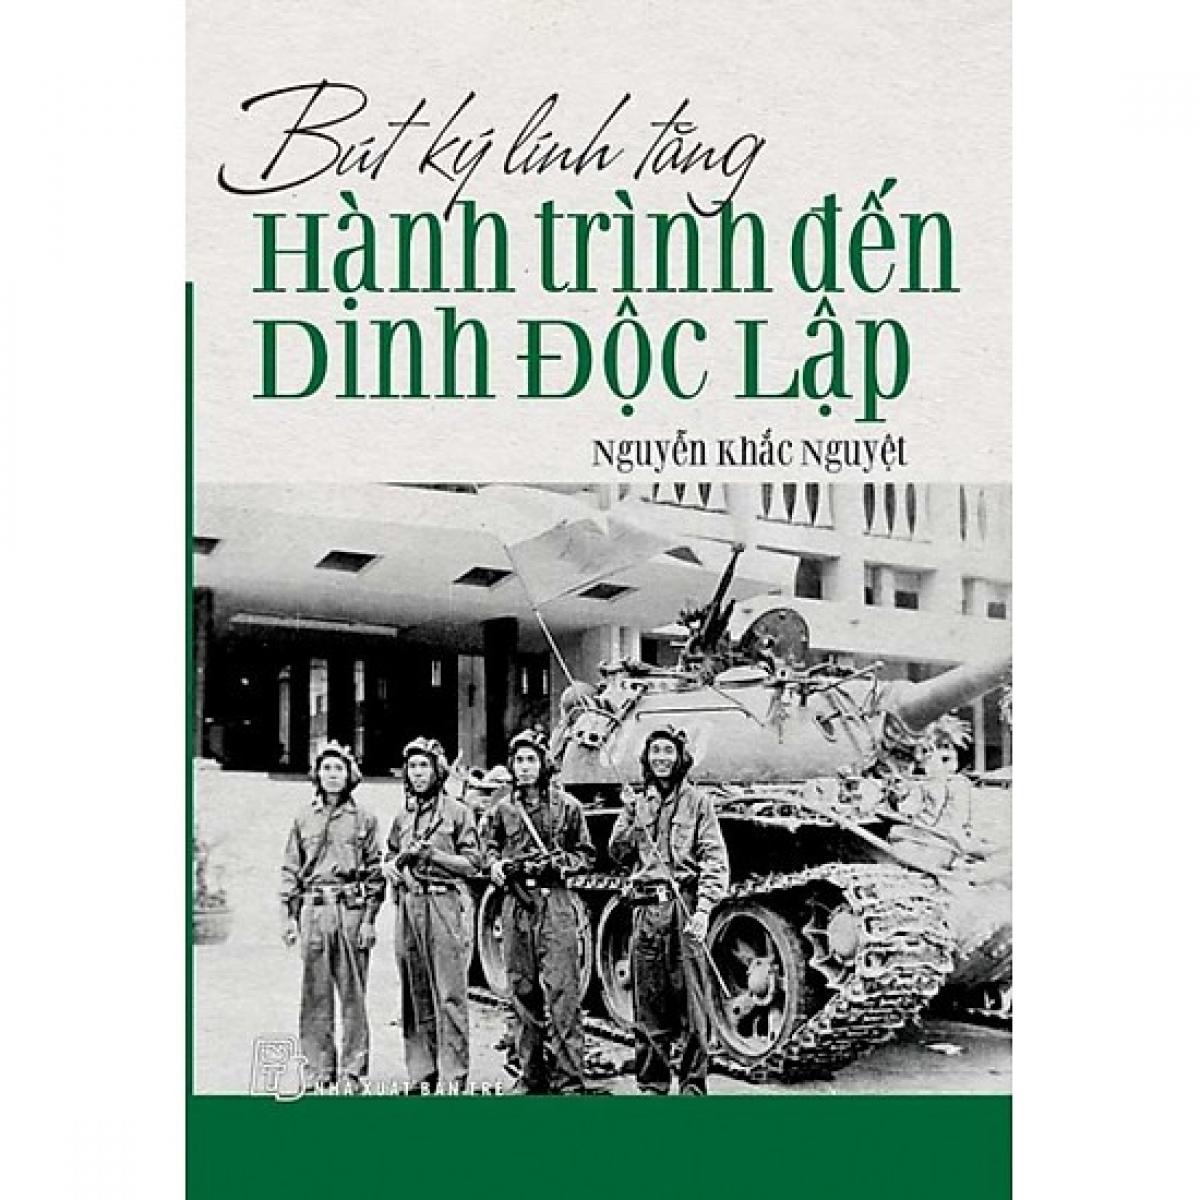 Bút ký lính tăng - Hành trình đến dinh Độc Lập.